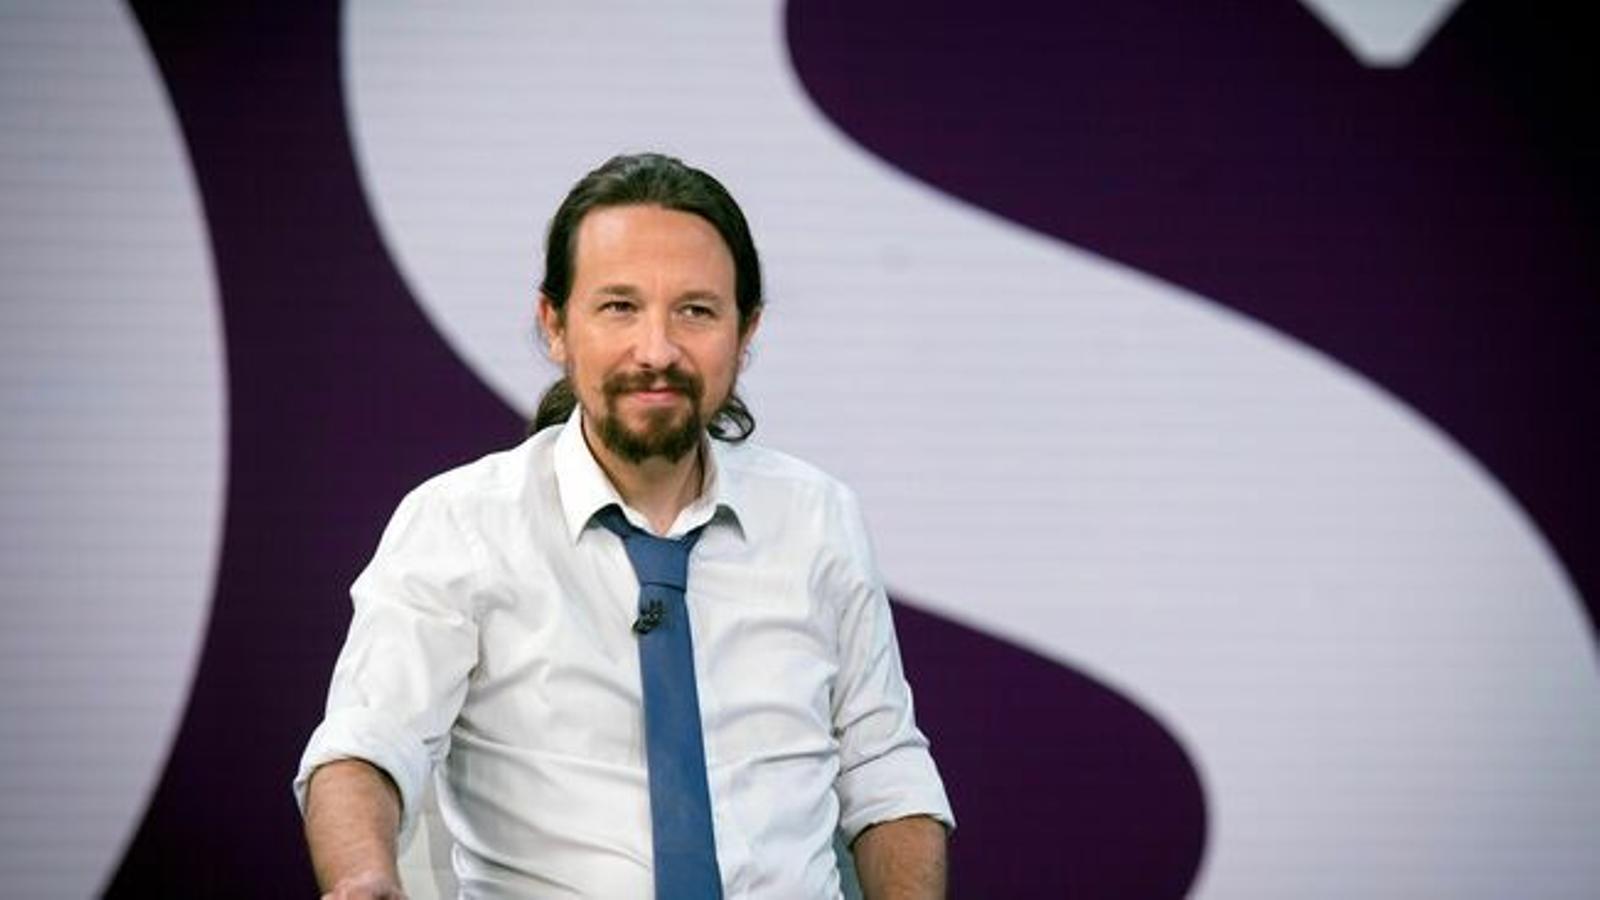 Unides-Pablo-Iglesias-entrevista-Antena_2297780333_65084996_651x366